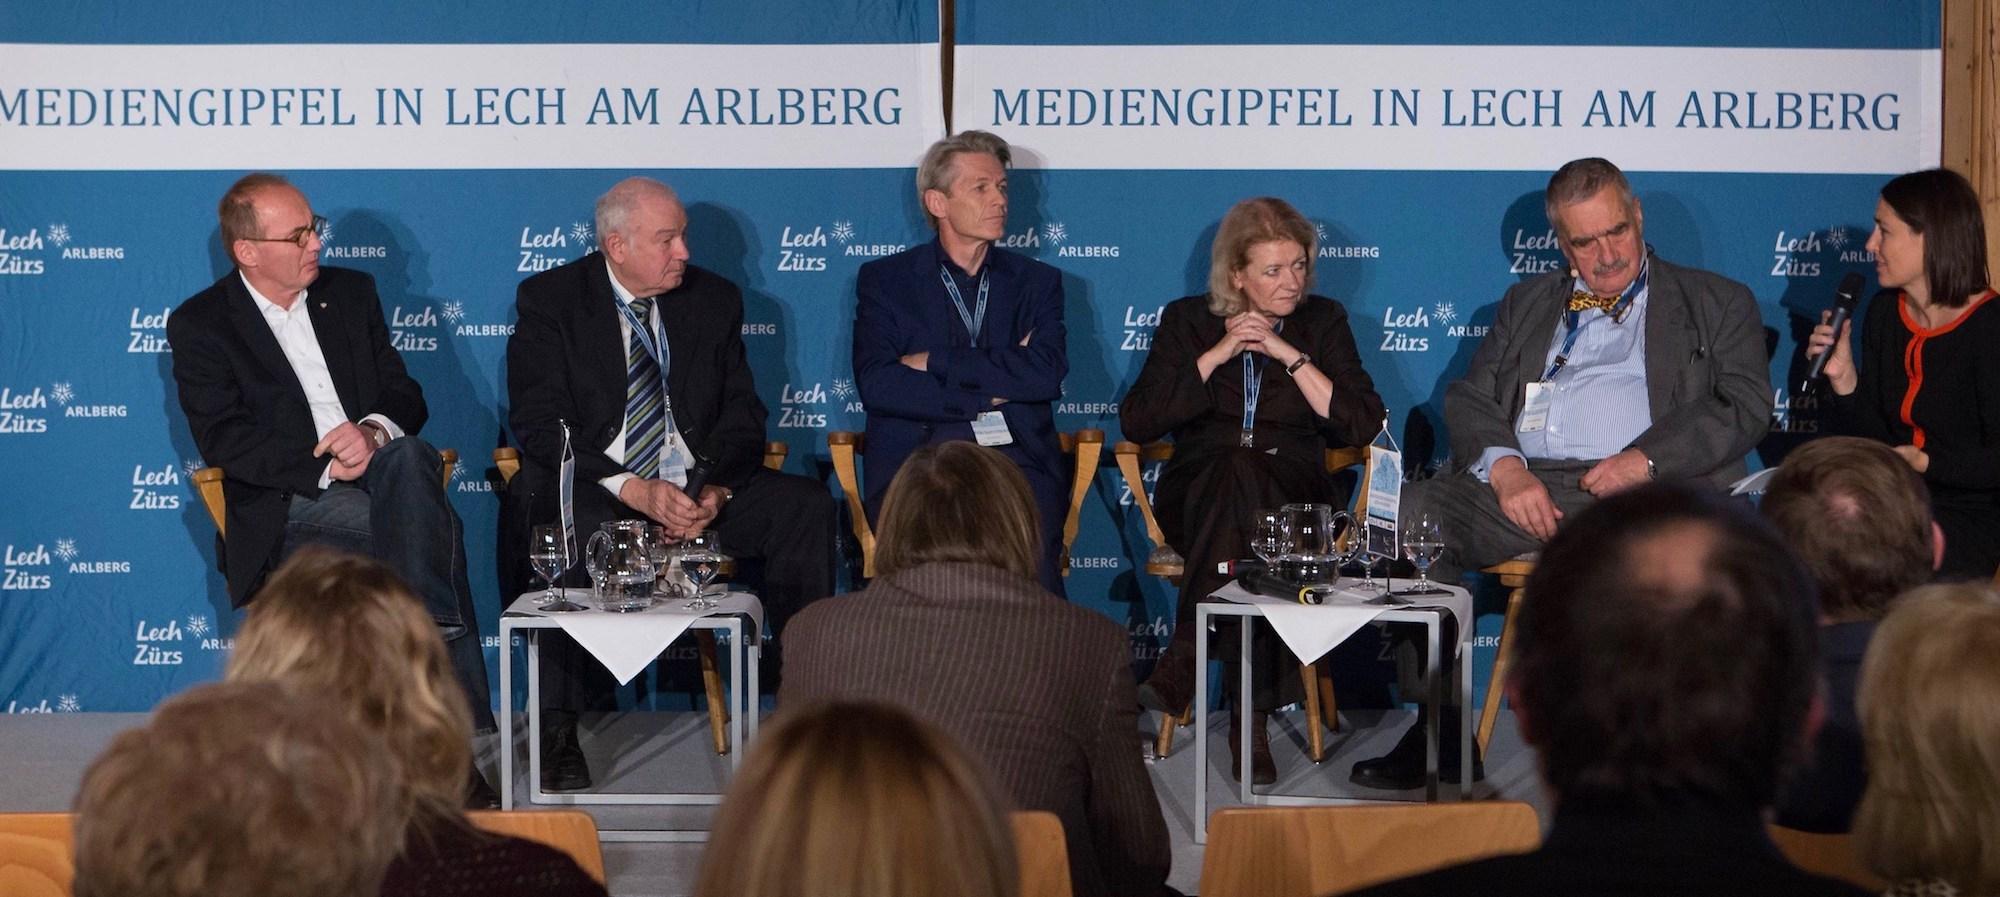 Europäischer Mediengipfel 2016 in Lech